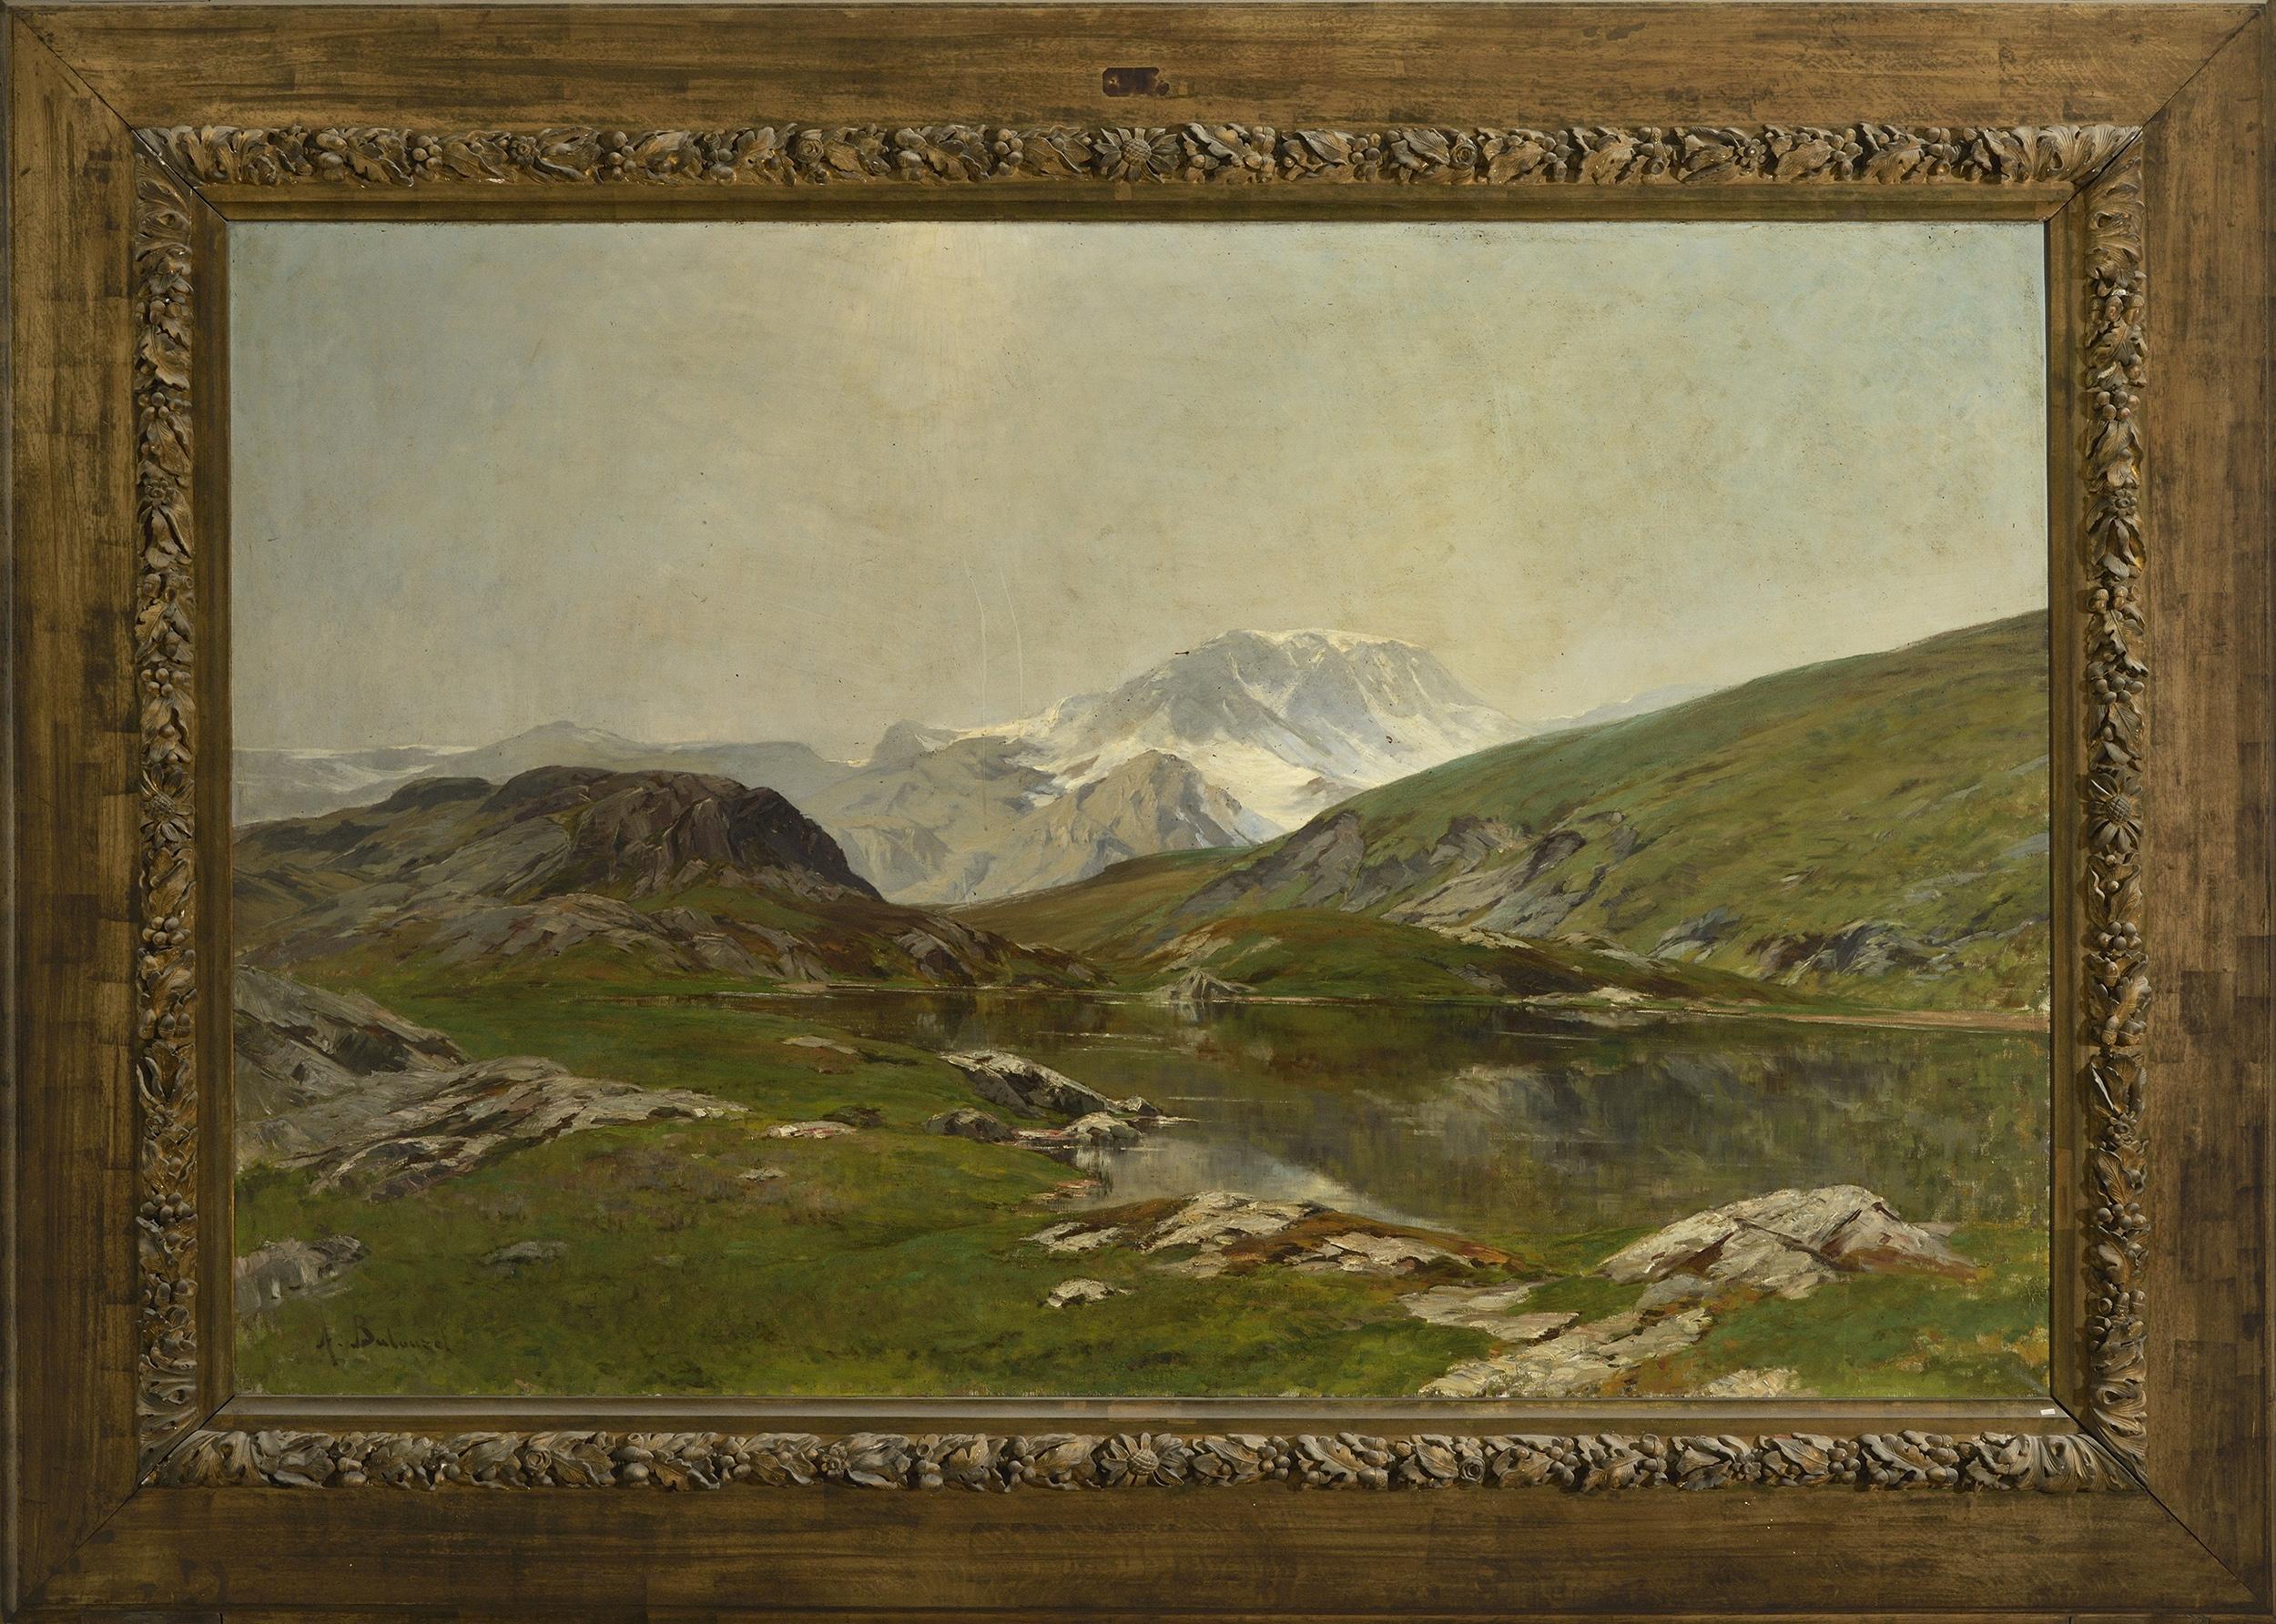 Site Des Artistes Peintres file:armand-auguste balouzet site du dauphiné avec cadre